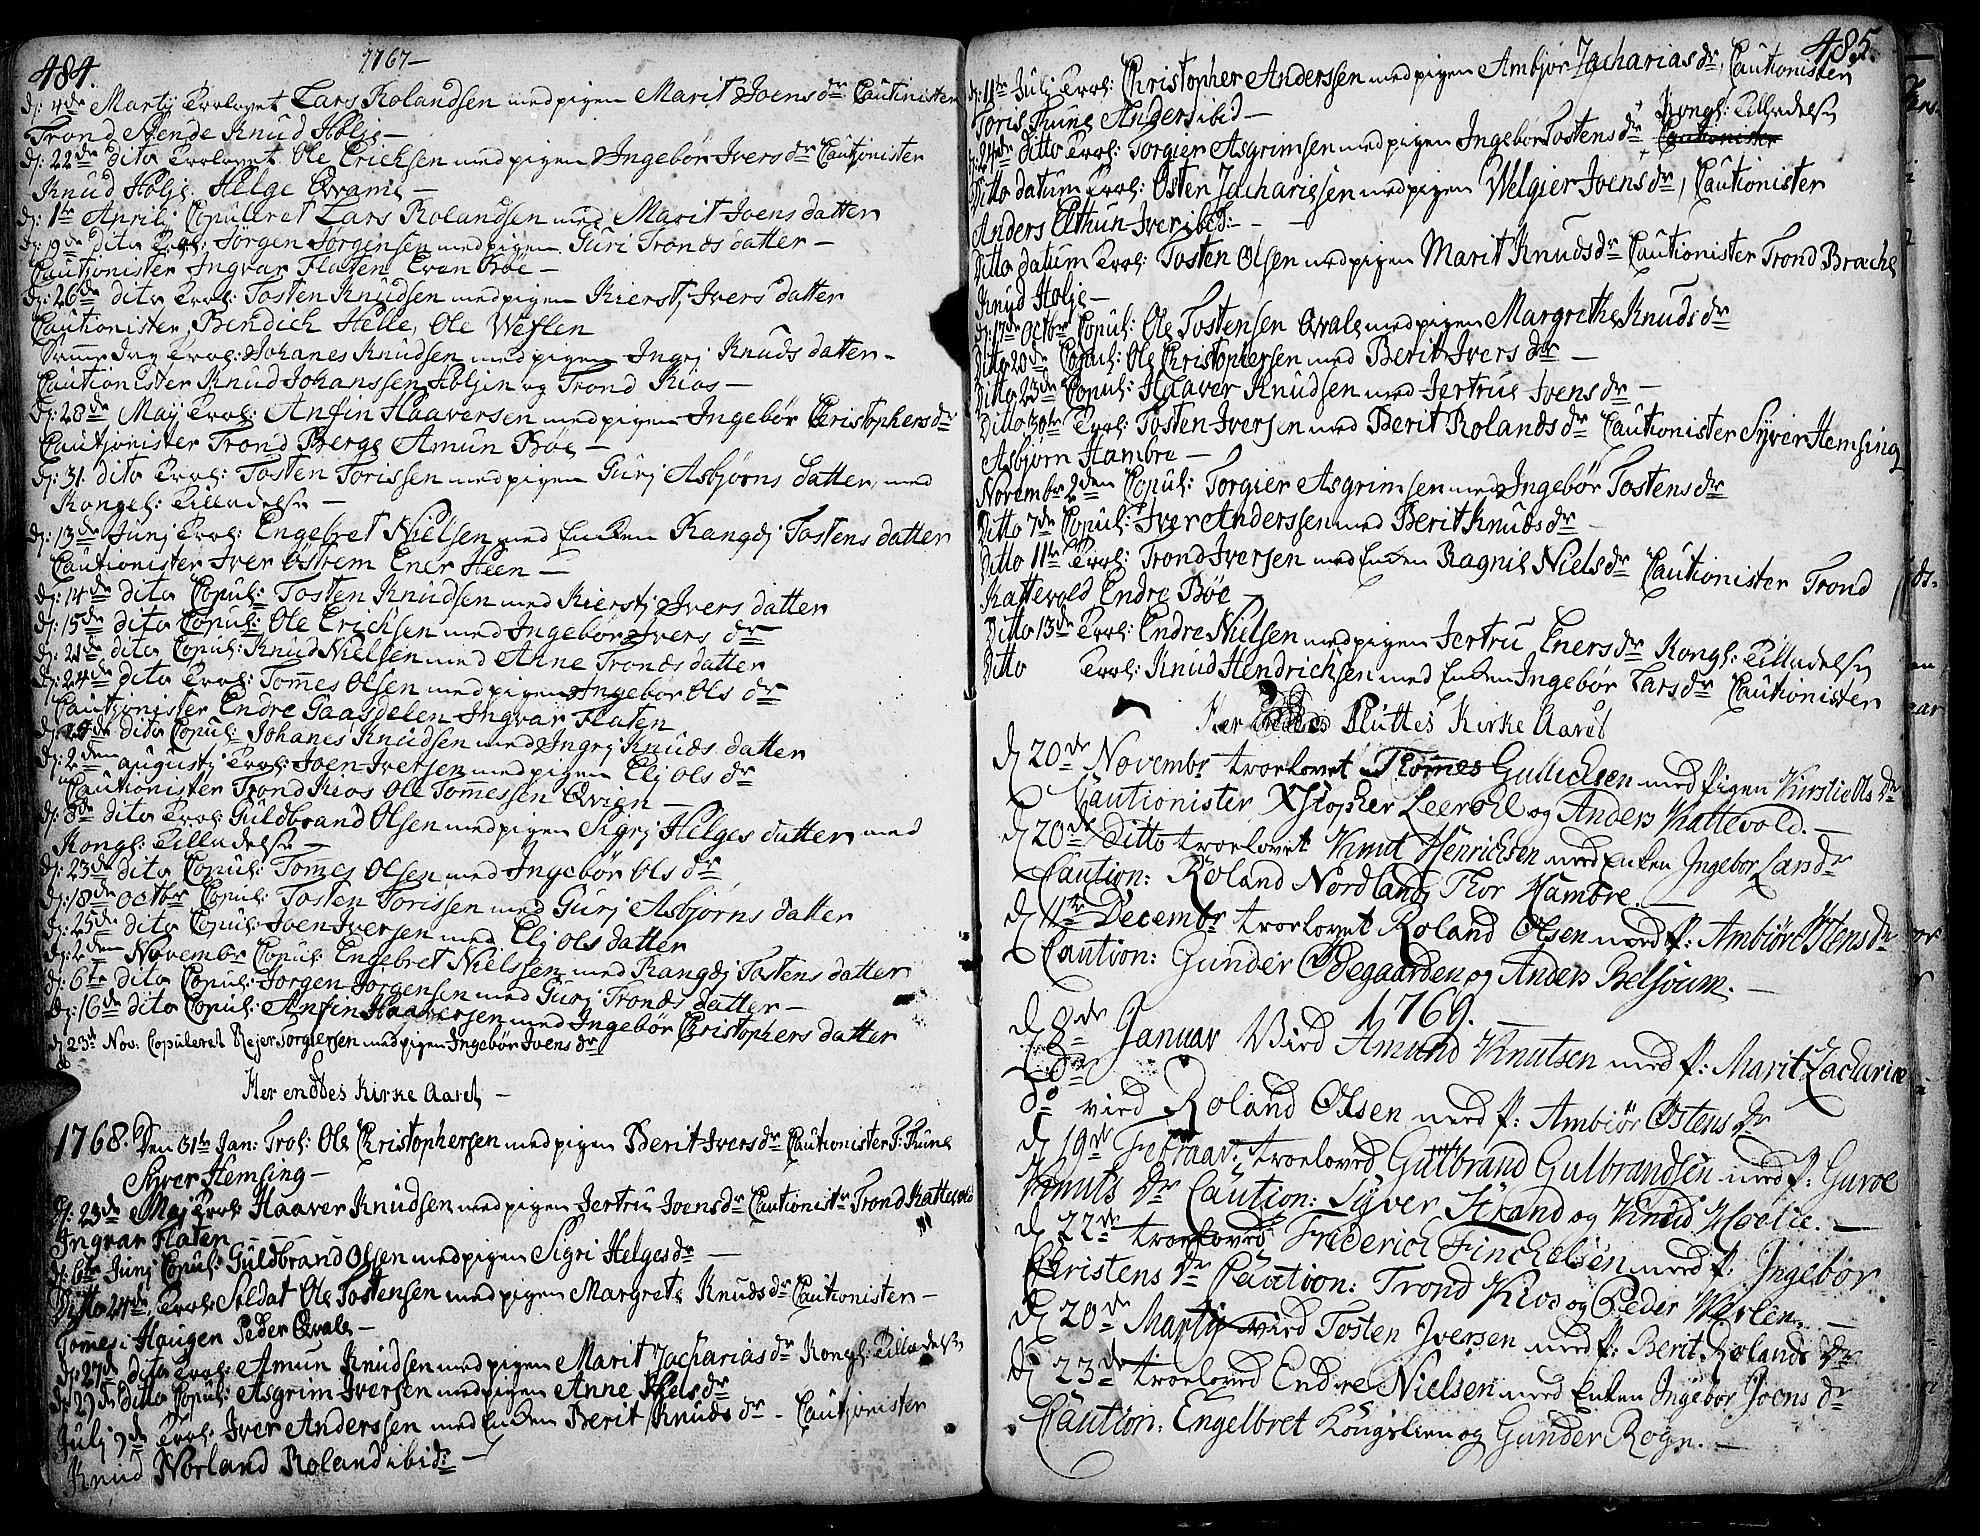 SAH, Vang prestekontor, Valdres, Ministerialbok nr. 1, 1730-1796, s. 484-485